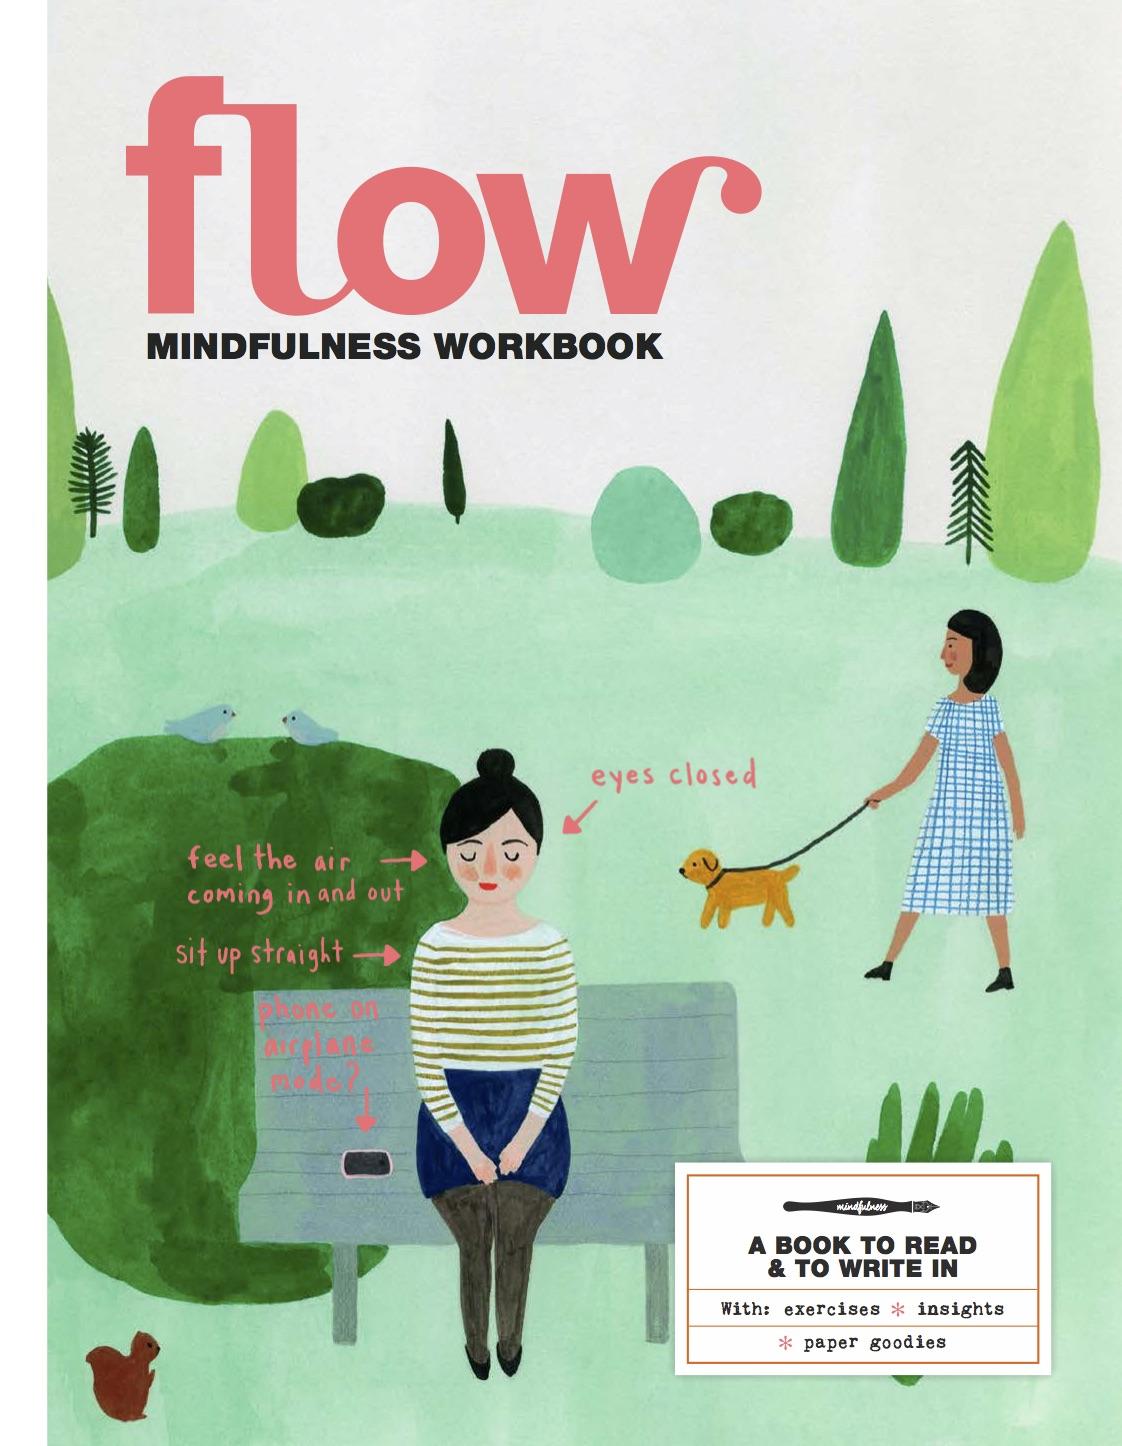 flowmfwerkboek_cover